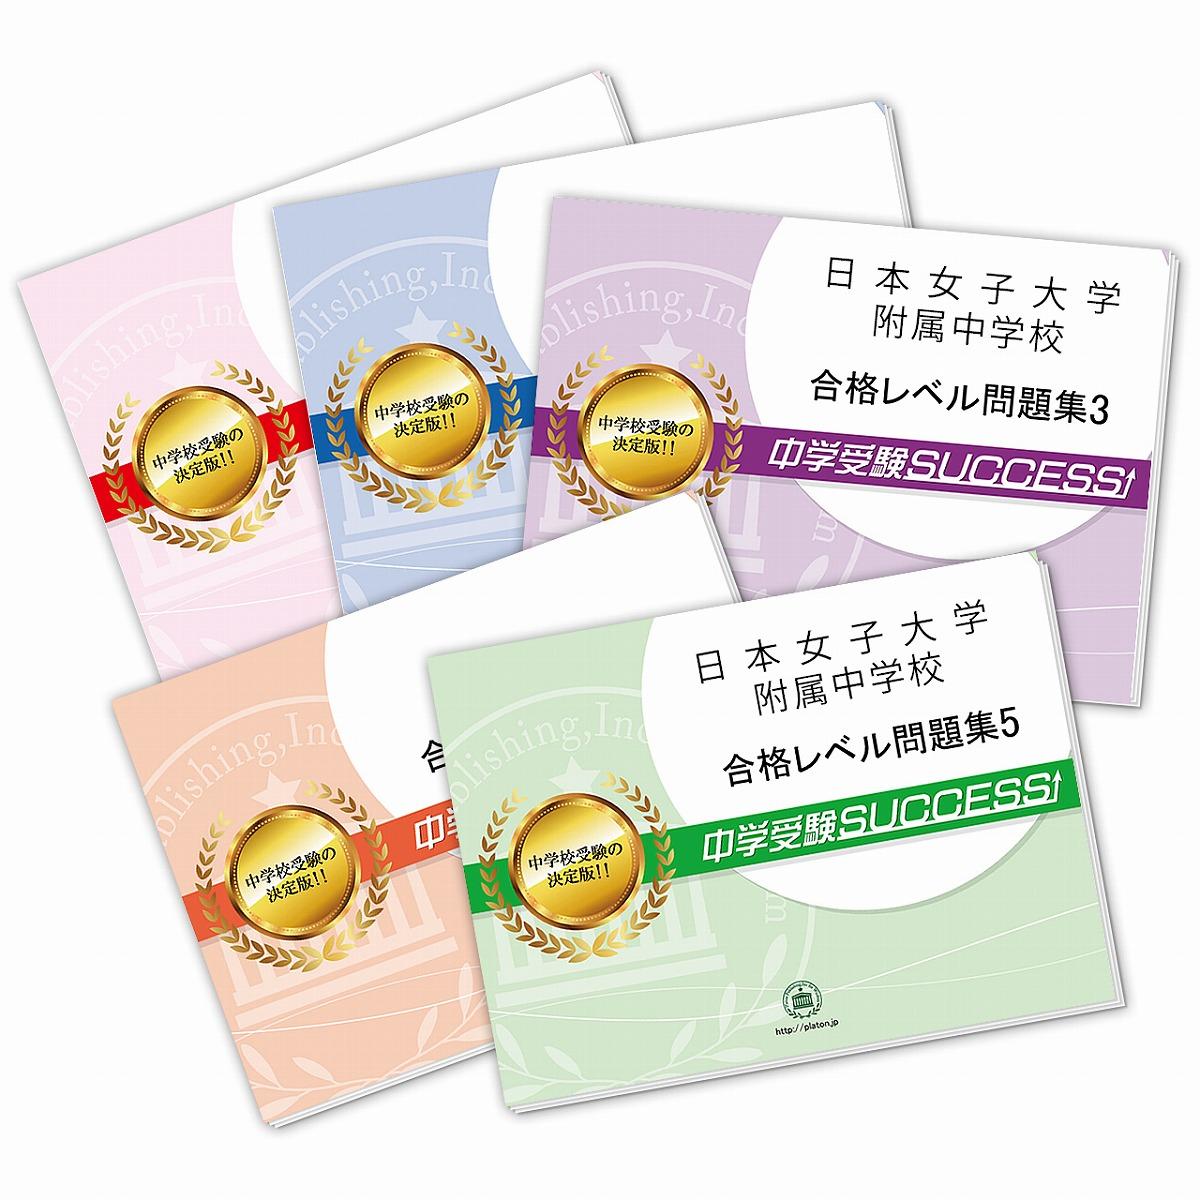 【送料・代引手数料無料】日本女子大学附属中学校・直前対策合格セット(5冊)